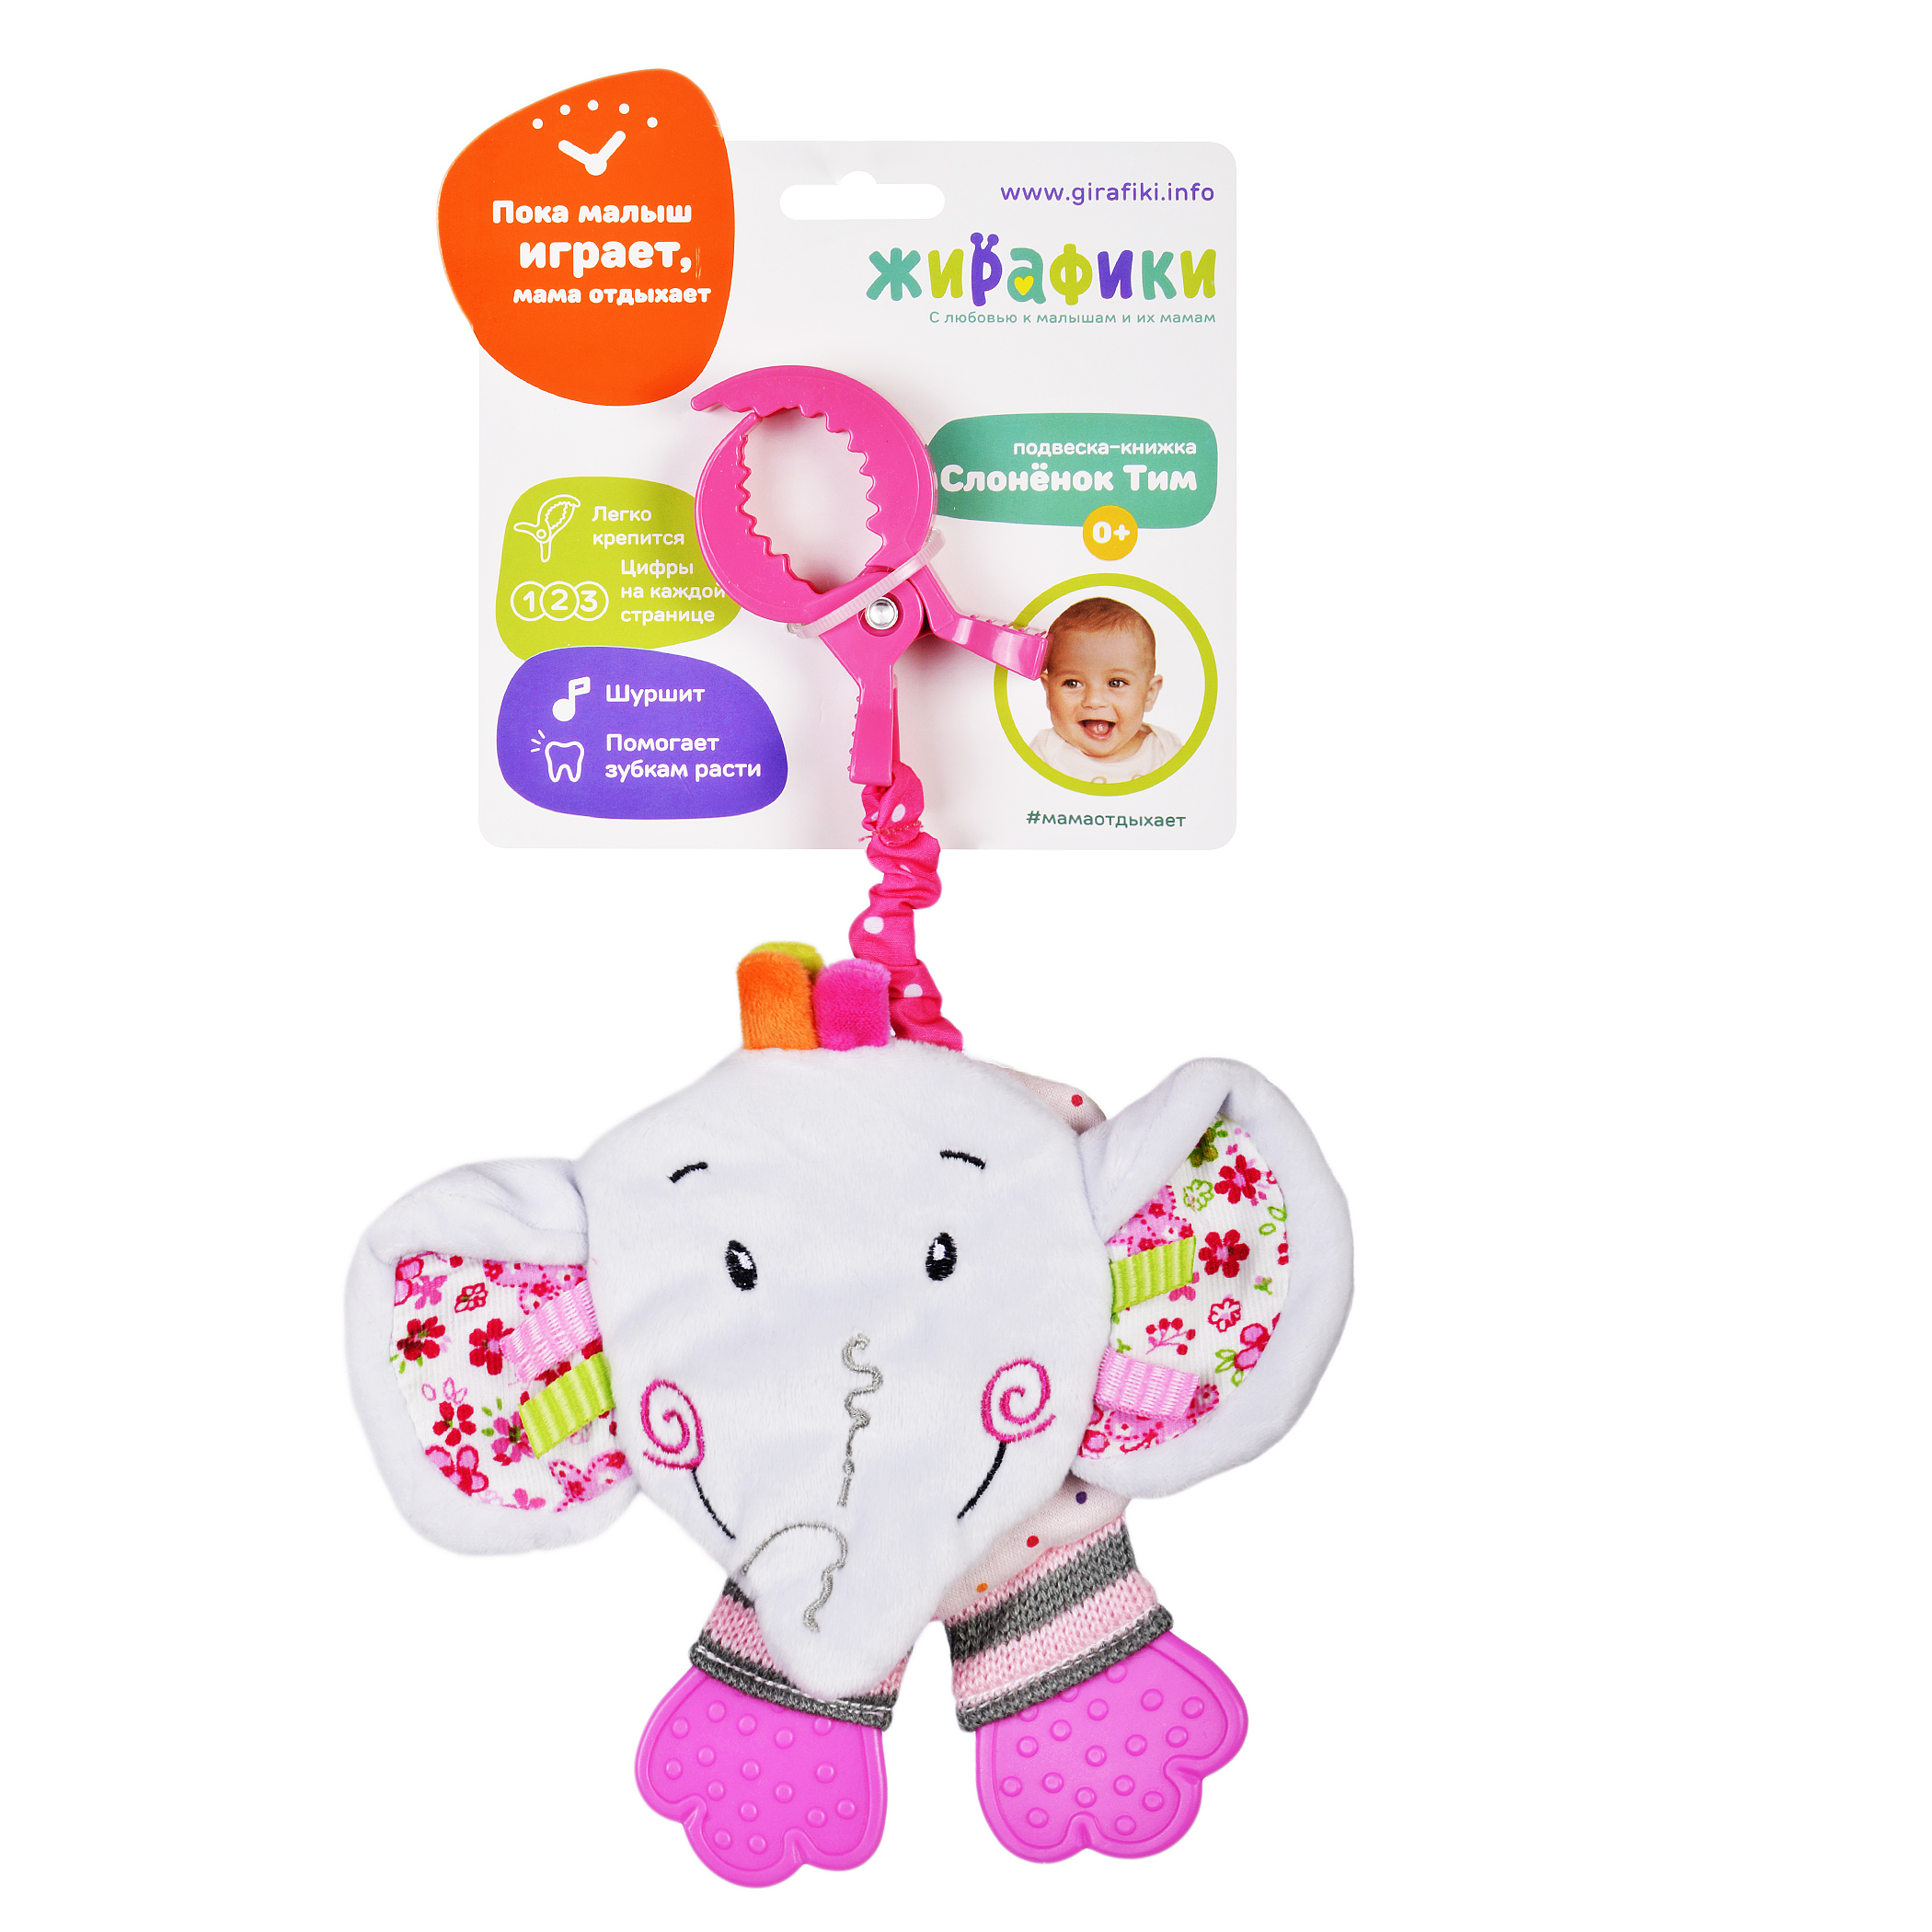 Подвесные игрушки и дуги Жирафики Слонёнок Тим оксфорд тим в новосибирске